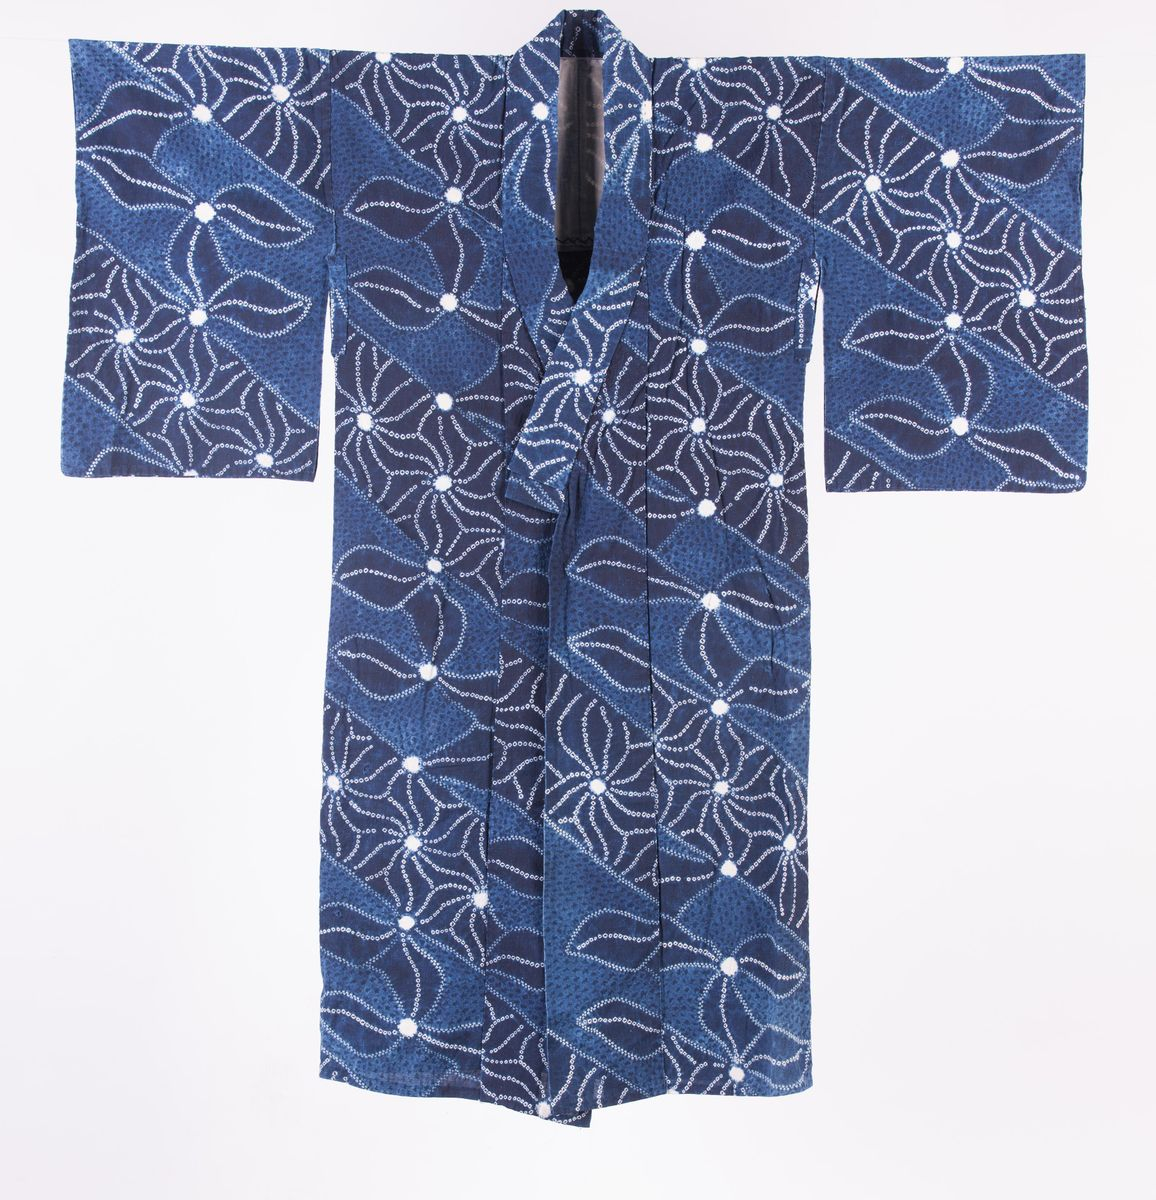 Long robe (nagagi), with floral motif - AGSA